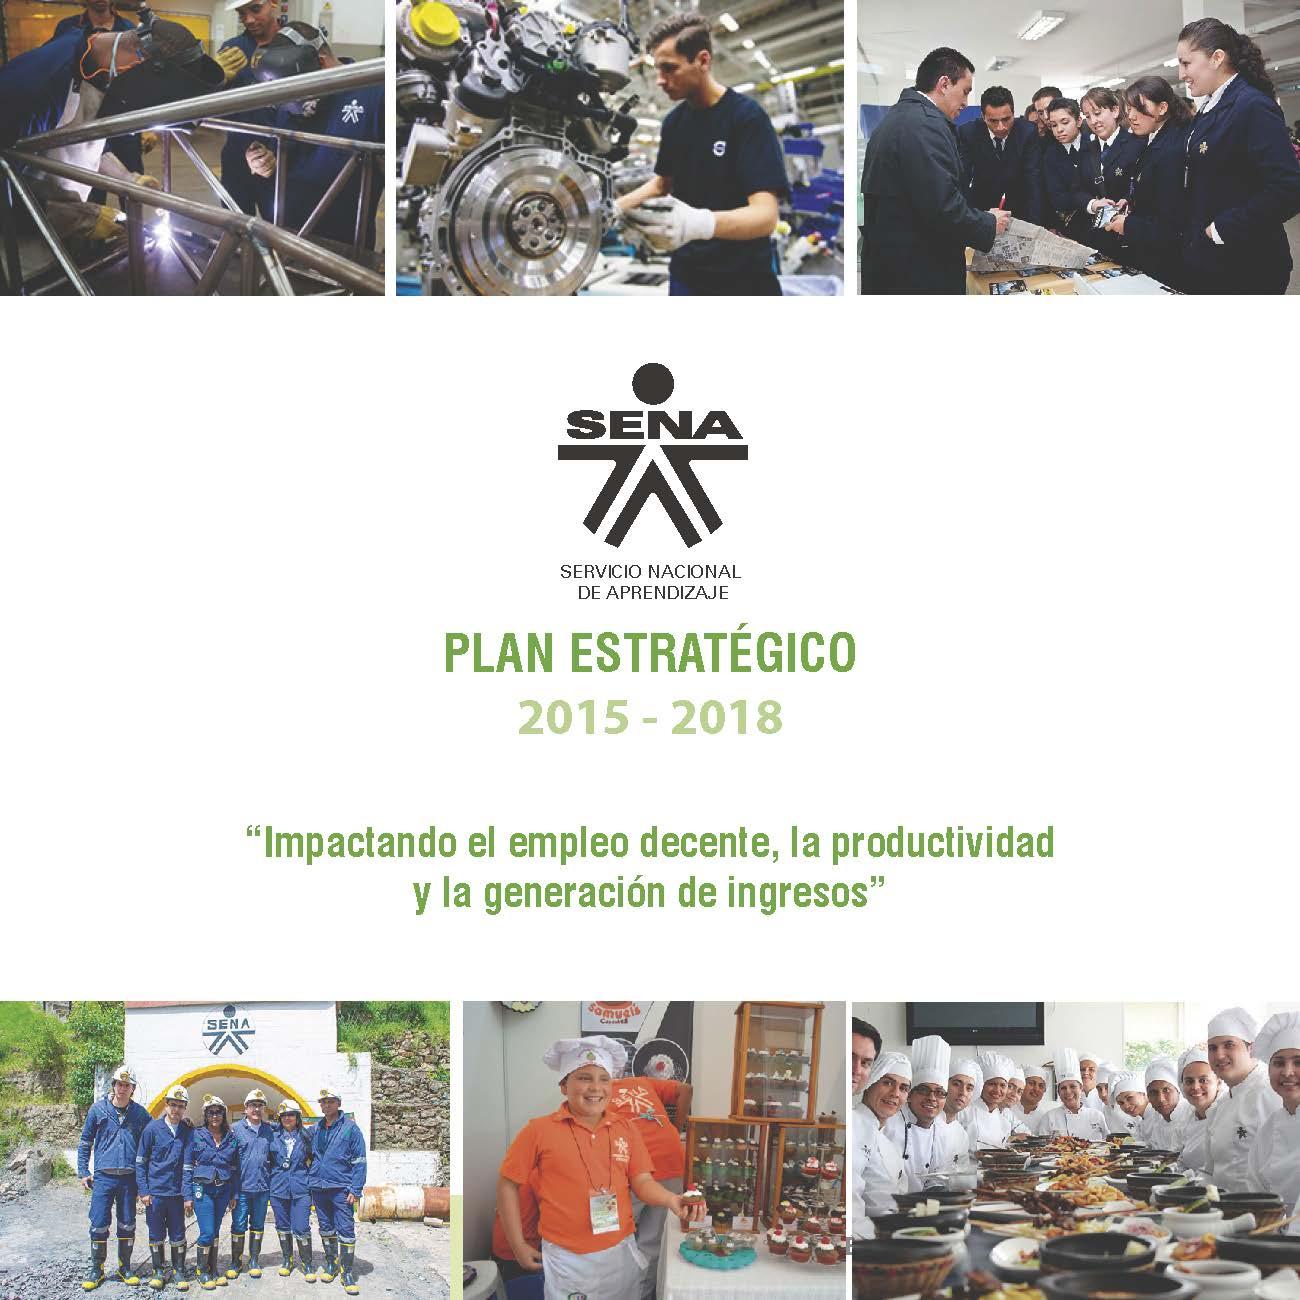 Plan estratégico 2015-2018